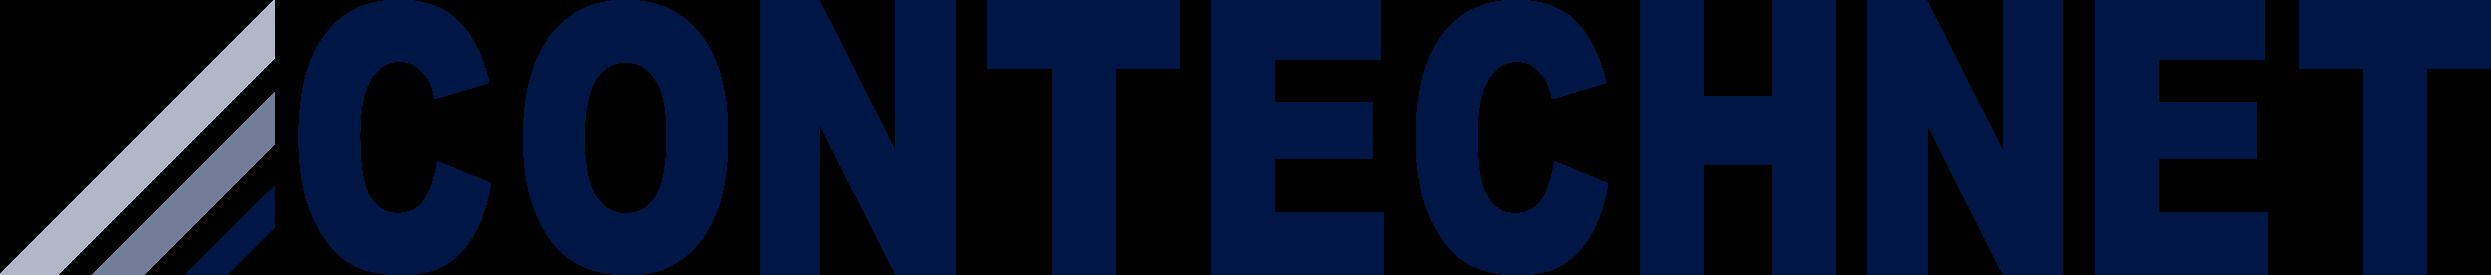 CONTECHNET-Logo